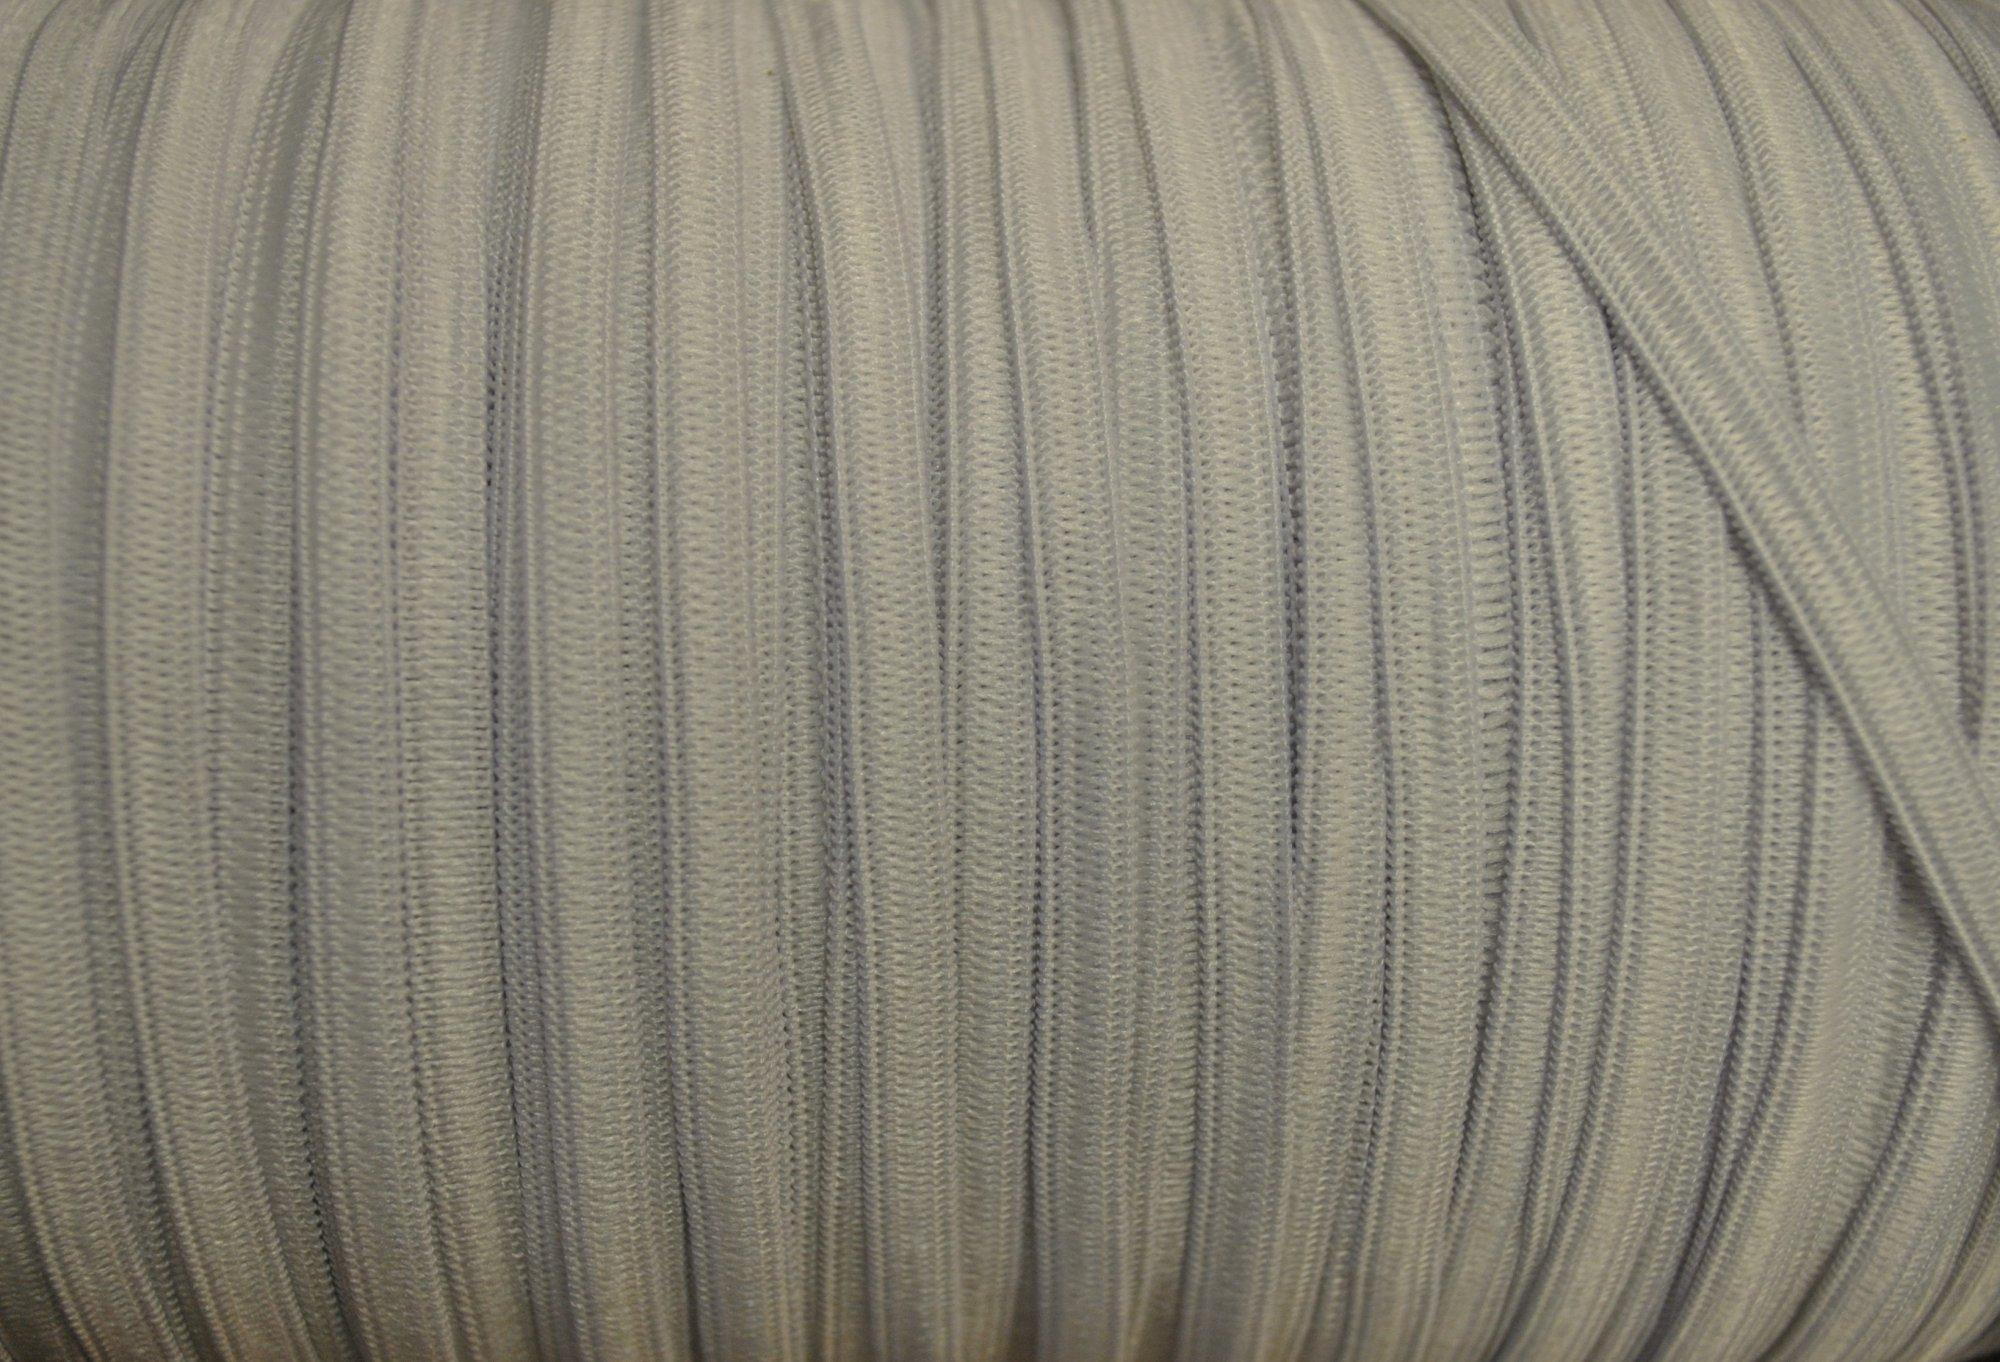 Precut 1/4 White Elastic